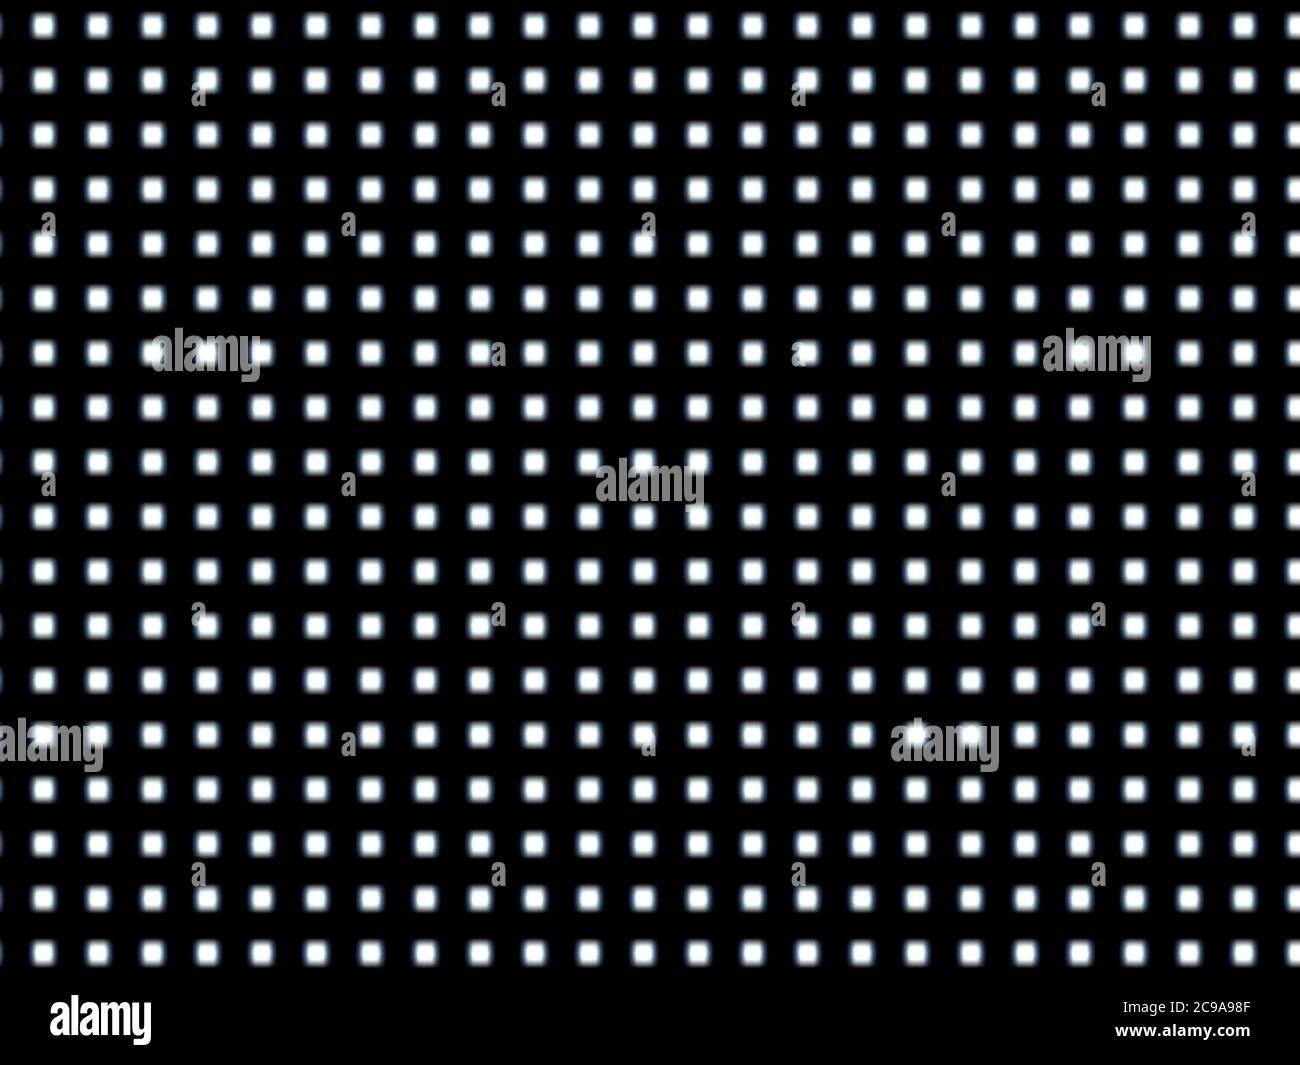 Publicidad abstracta, blanco y negro, gradiente dinámico brillo decorativo, moderno diseño contemporáneo Foto de stock